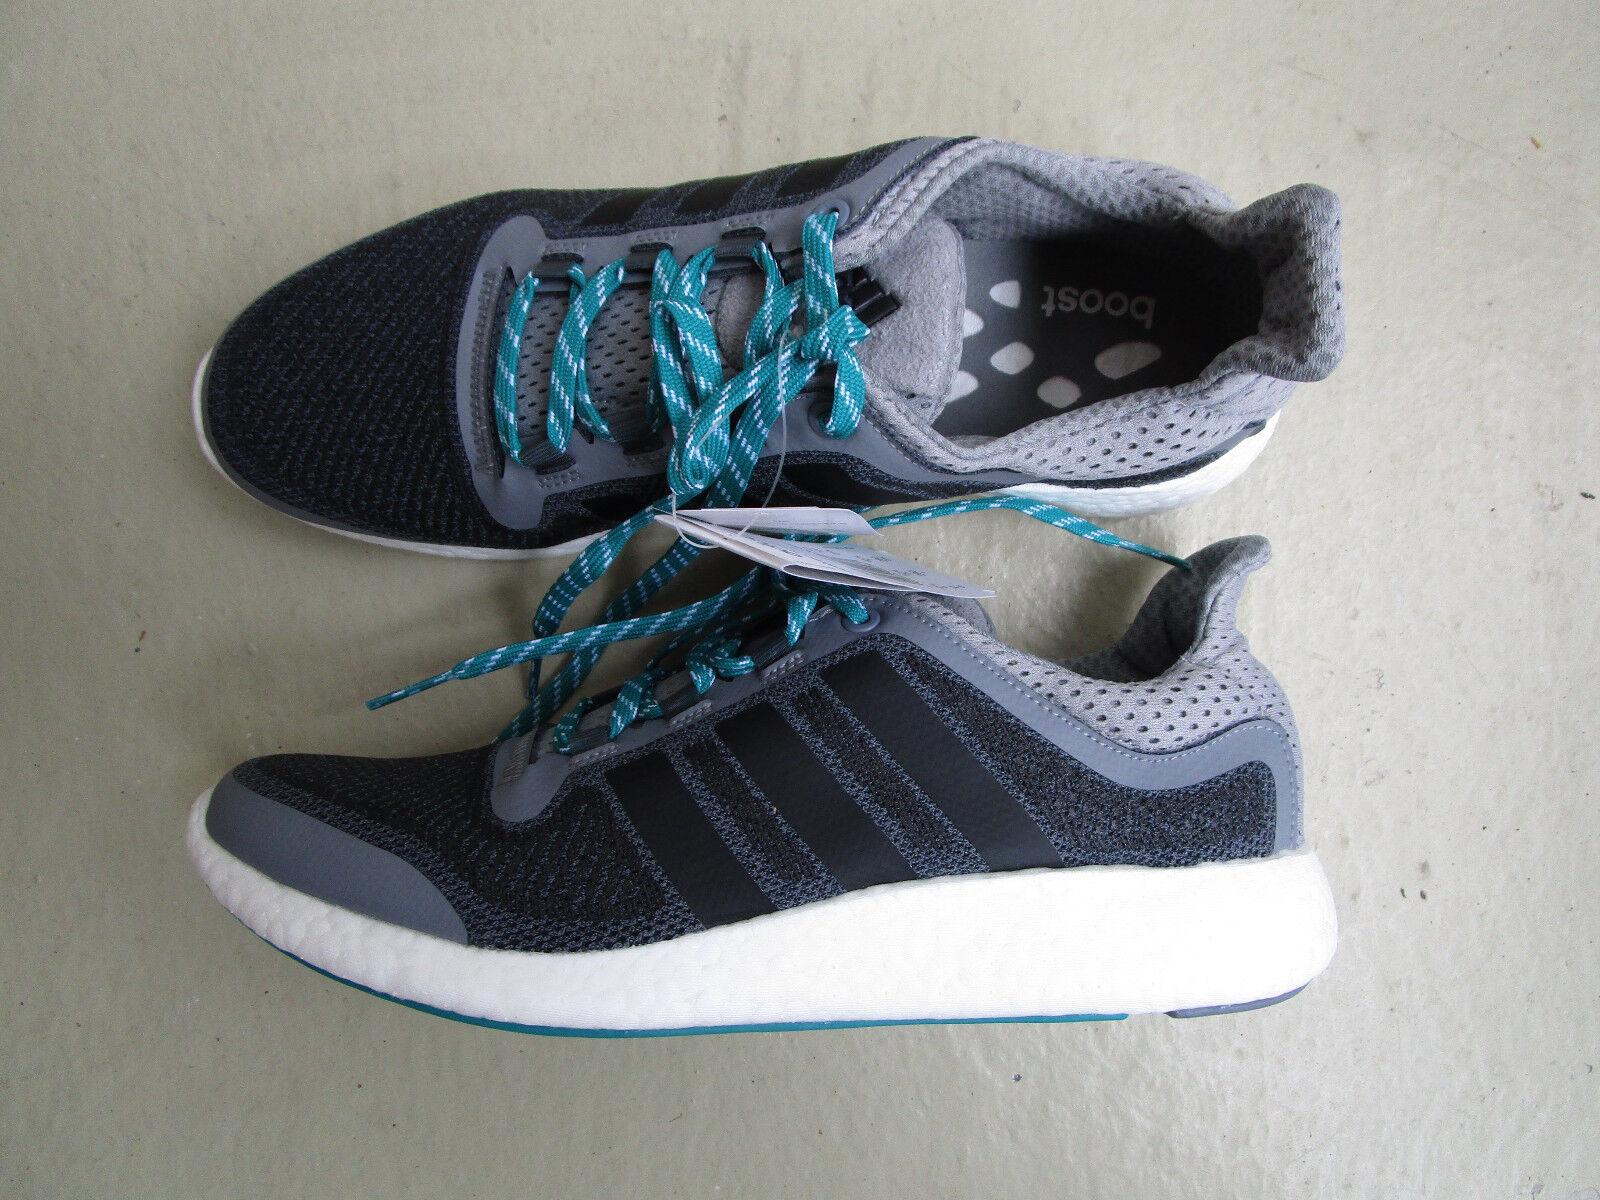 Adidas Pure Boost 1/3 2.0 45 1/3 Boost Originals grey/black/Green 59bbb1